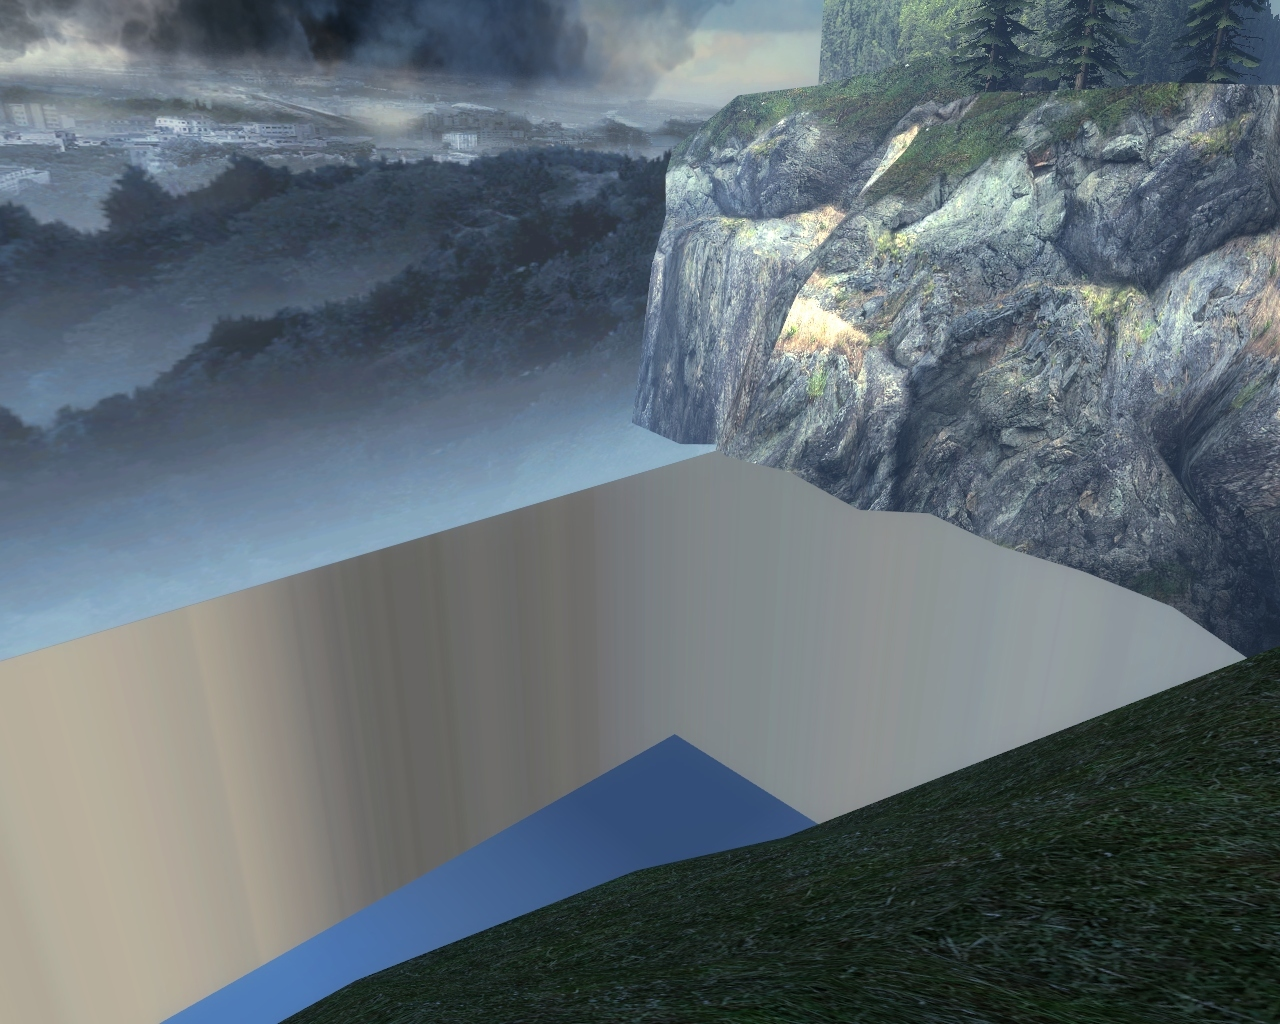 ep2_outland_010024.jpg - Half-Life 2